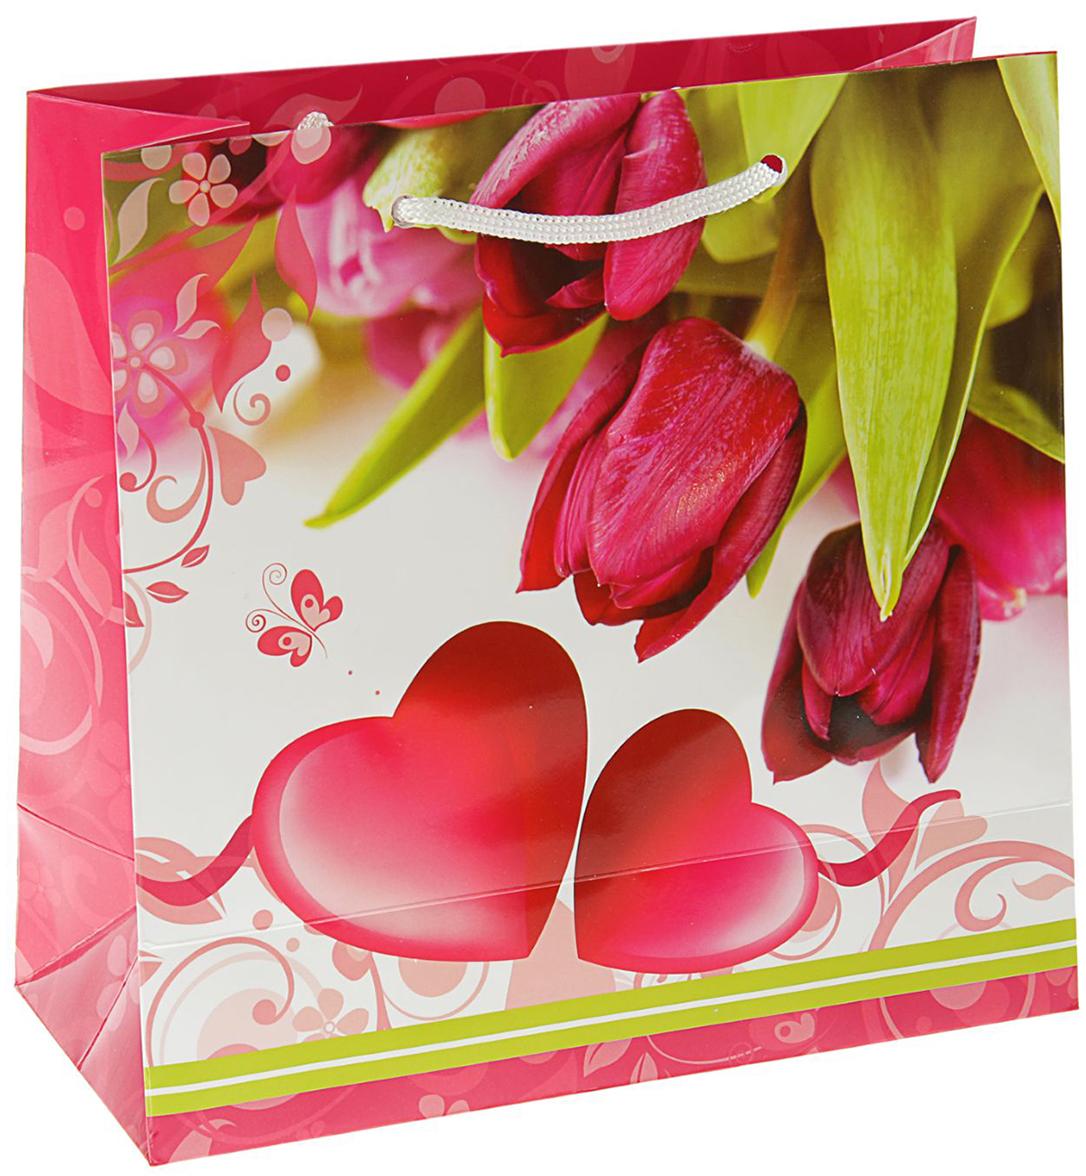 Пакет подарочный Влюбленный, цвет: мультиколор, 23 х 22,5 х 10 см. 2059220